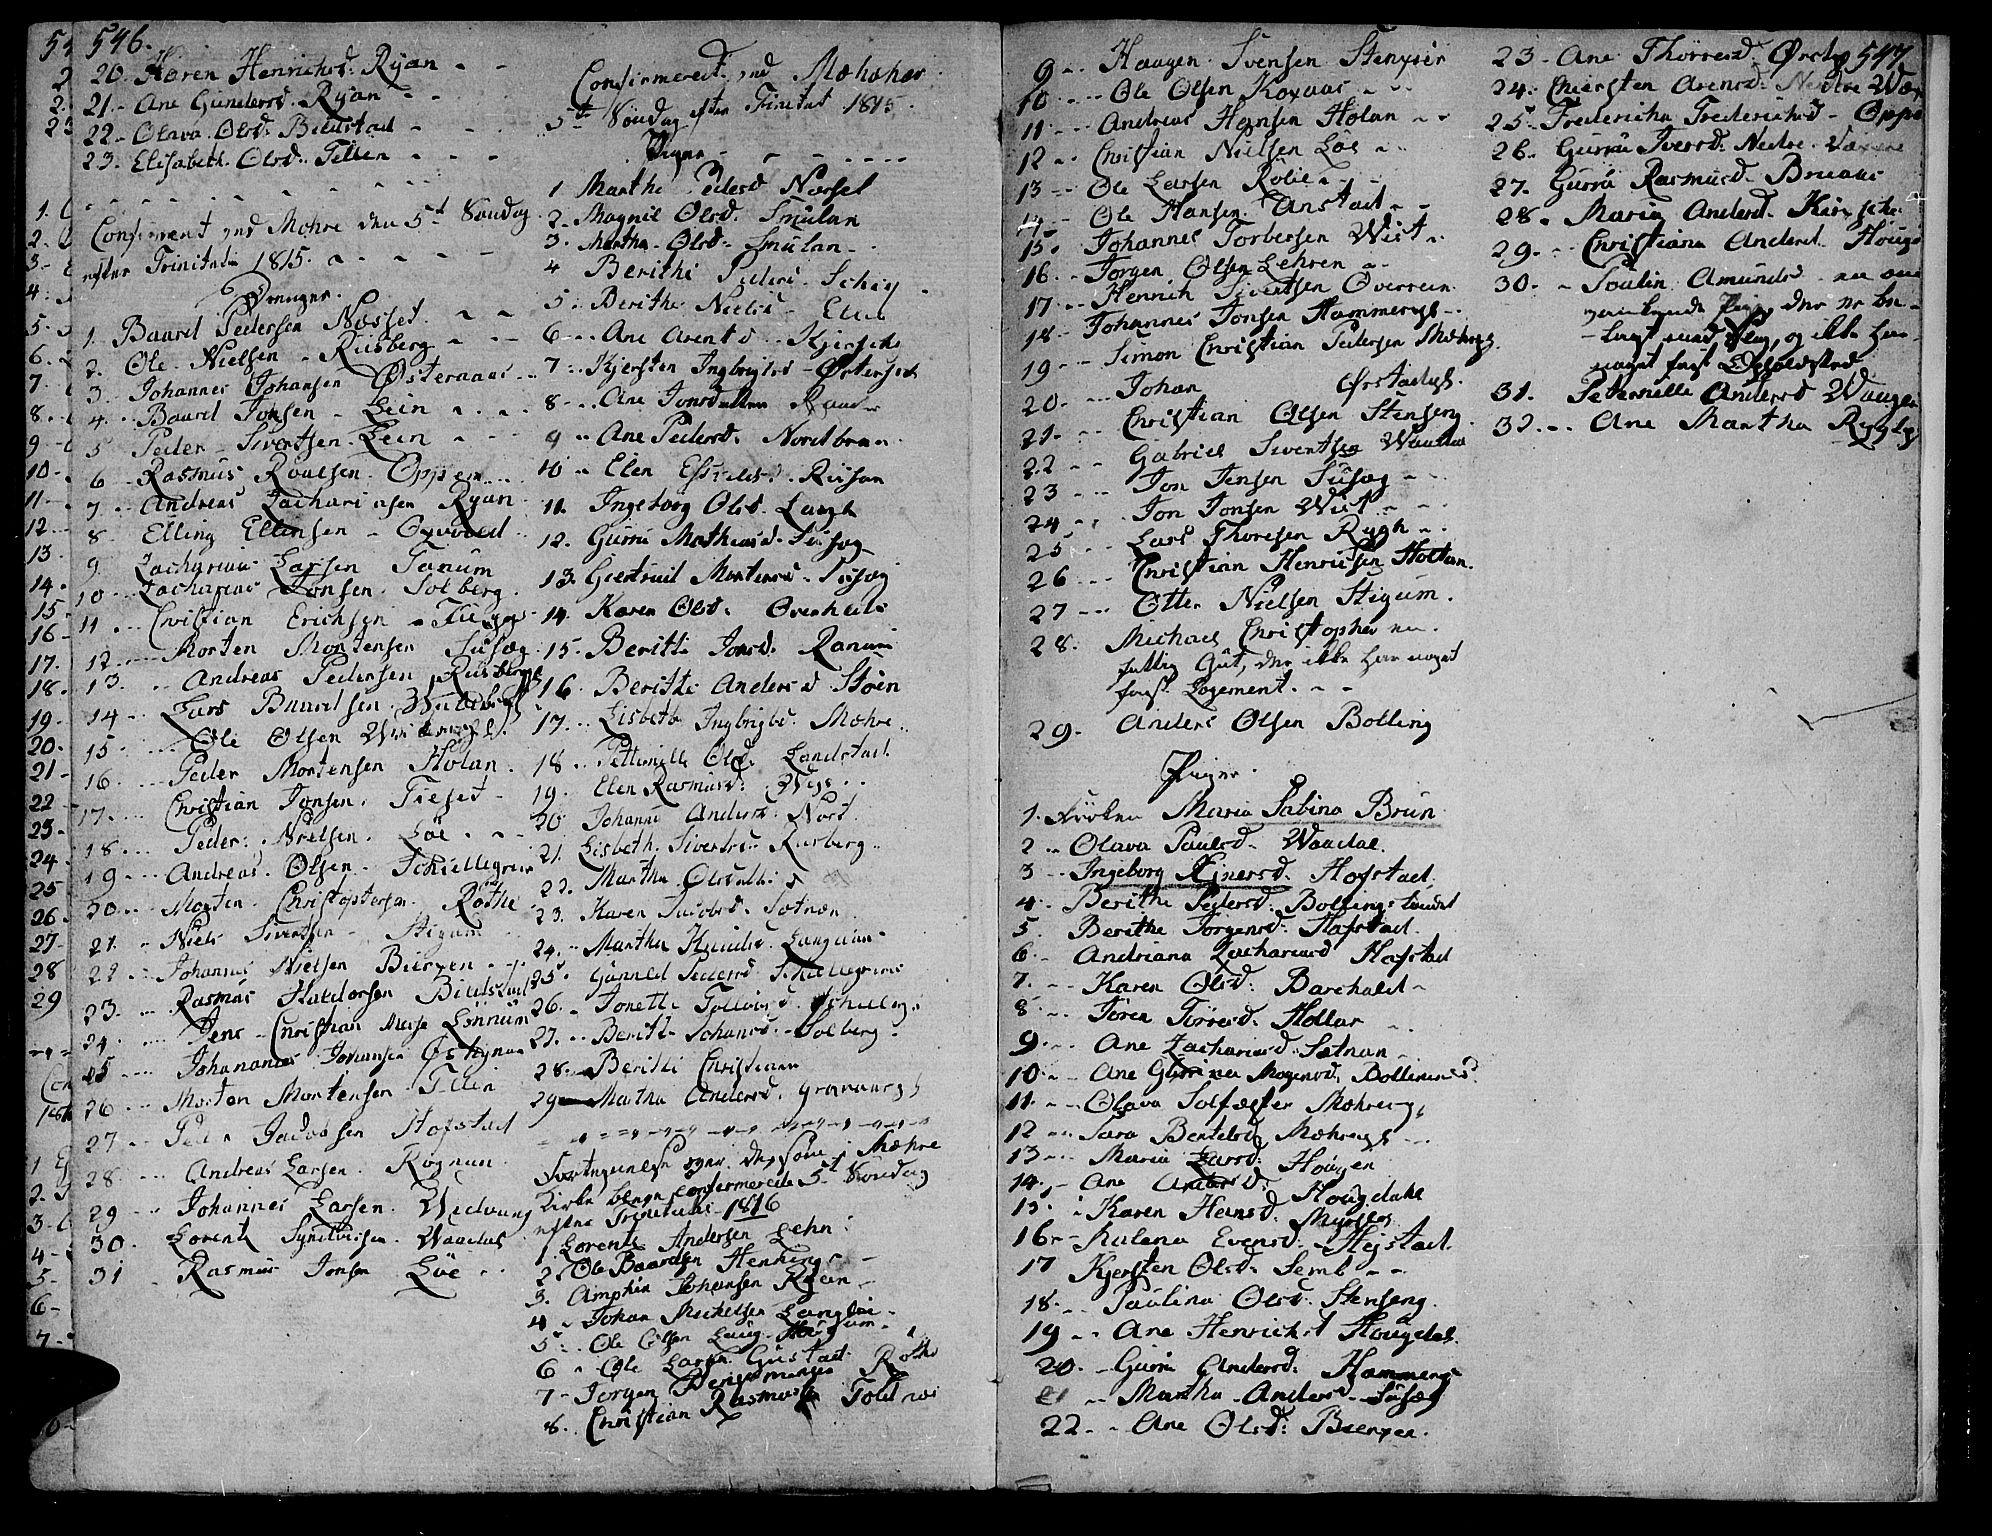 SAT, Ministerialprotokoller, klokkerbøker og fødselsregistre - Nord-Trøndelag, 735/L0332: Ministerialbok nr. 735A03, 1795-1816, s. 546-547